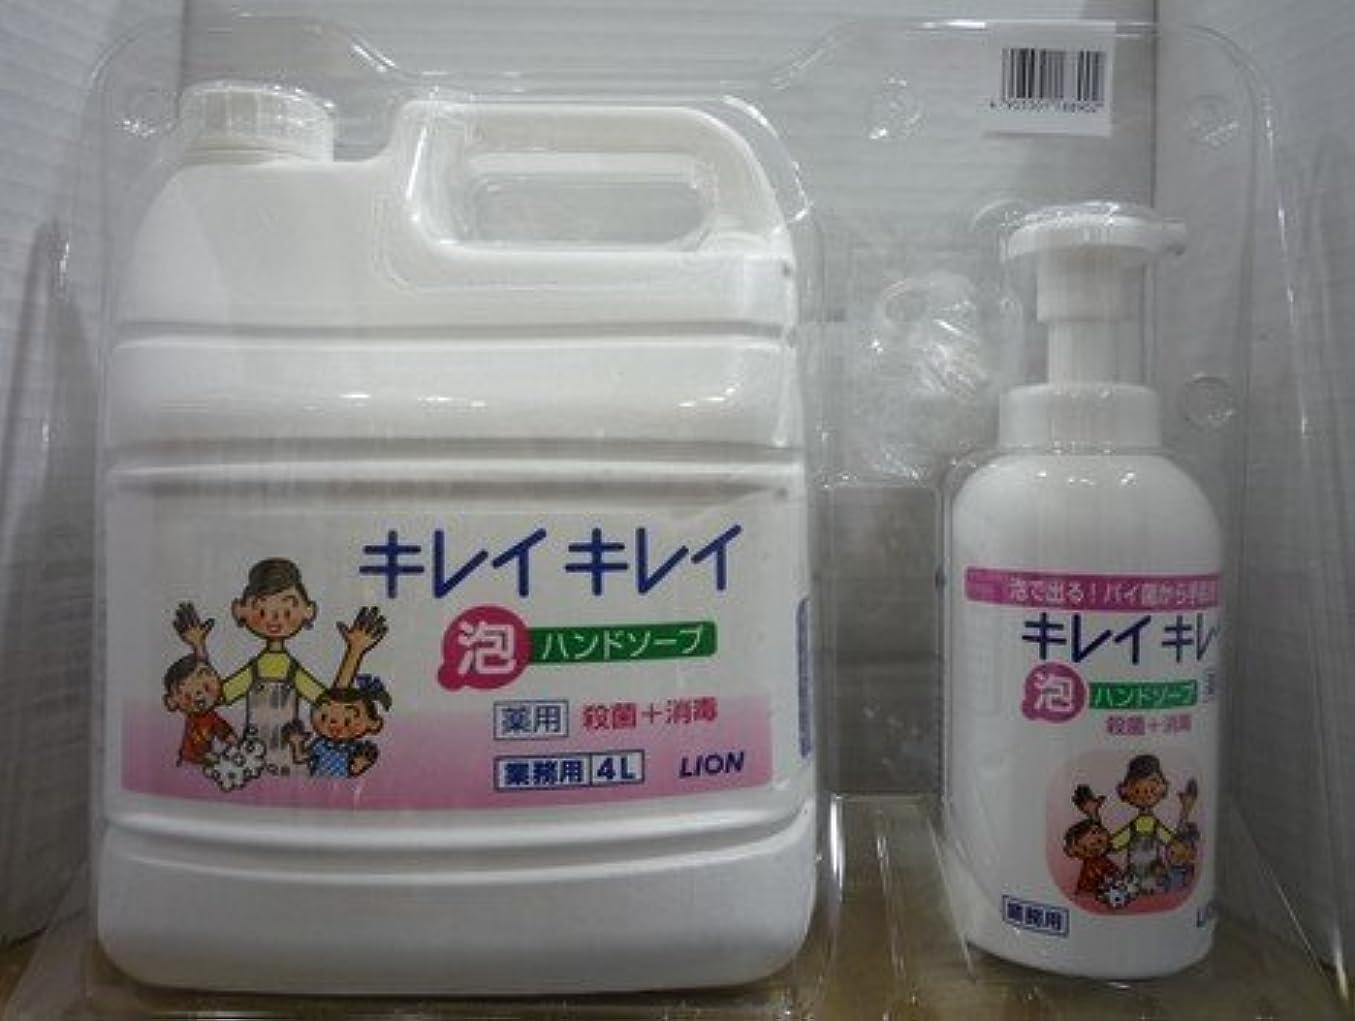 建築邪魔チャンスキレイキレイ 薬用泡ハンドソープ 業務用 4L+キレイキレイ 薬用泡ハンドソープボトル550ml